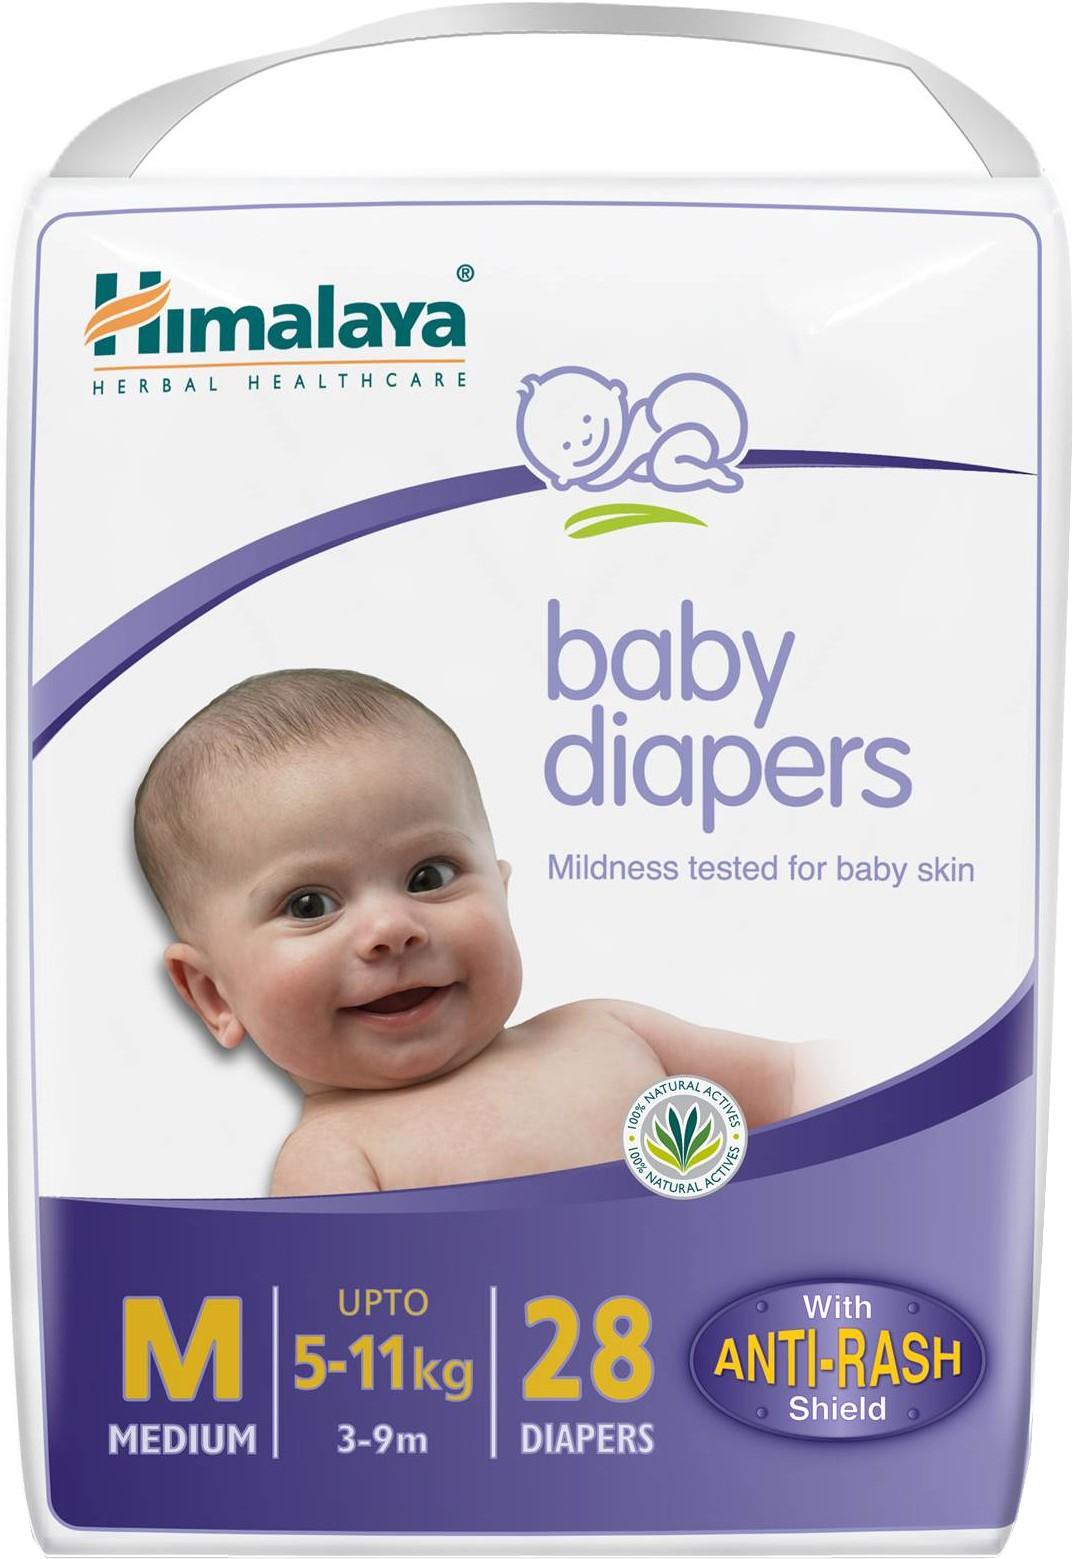 Himalaya Baby Diapers Medium - Medium(28 Pieces)